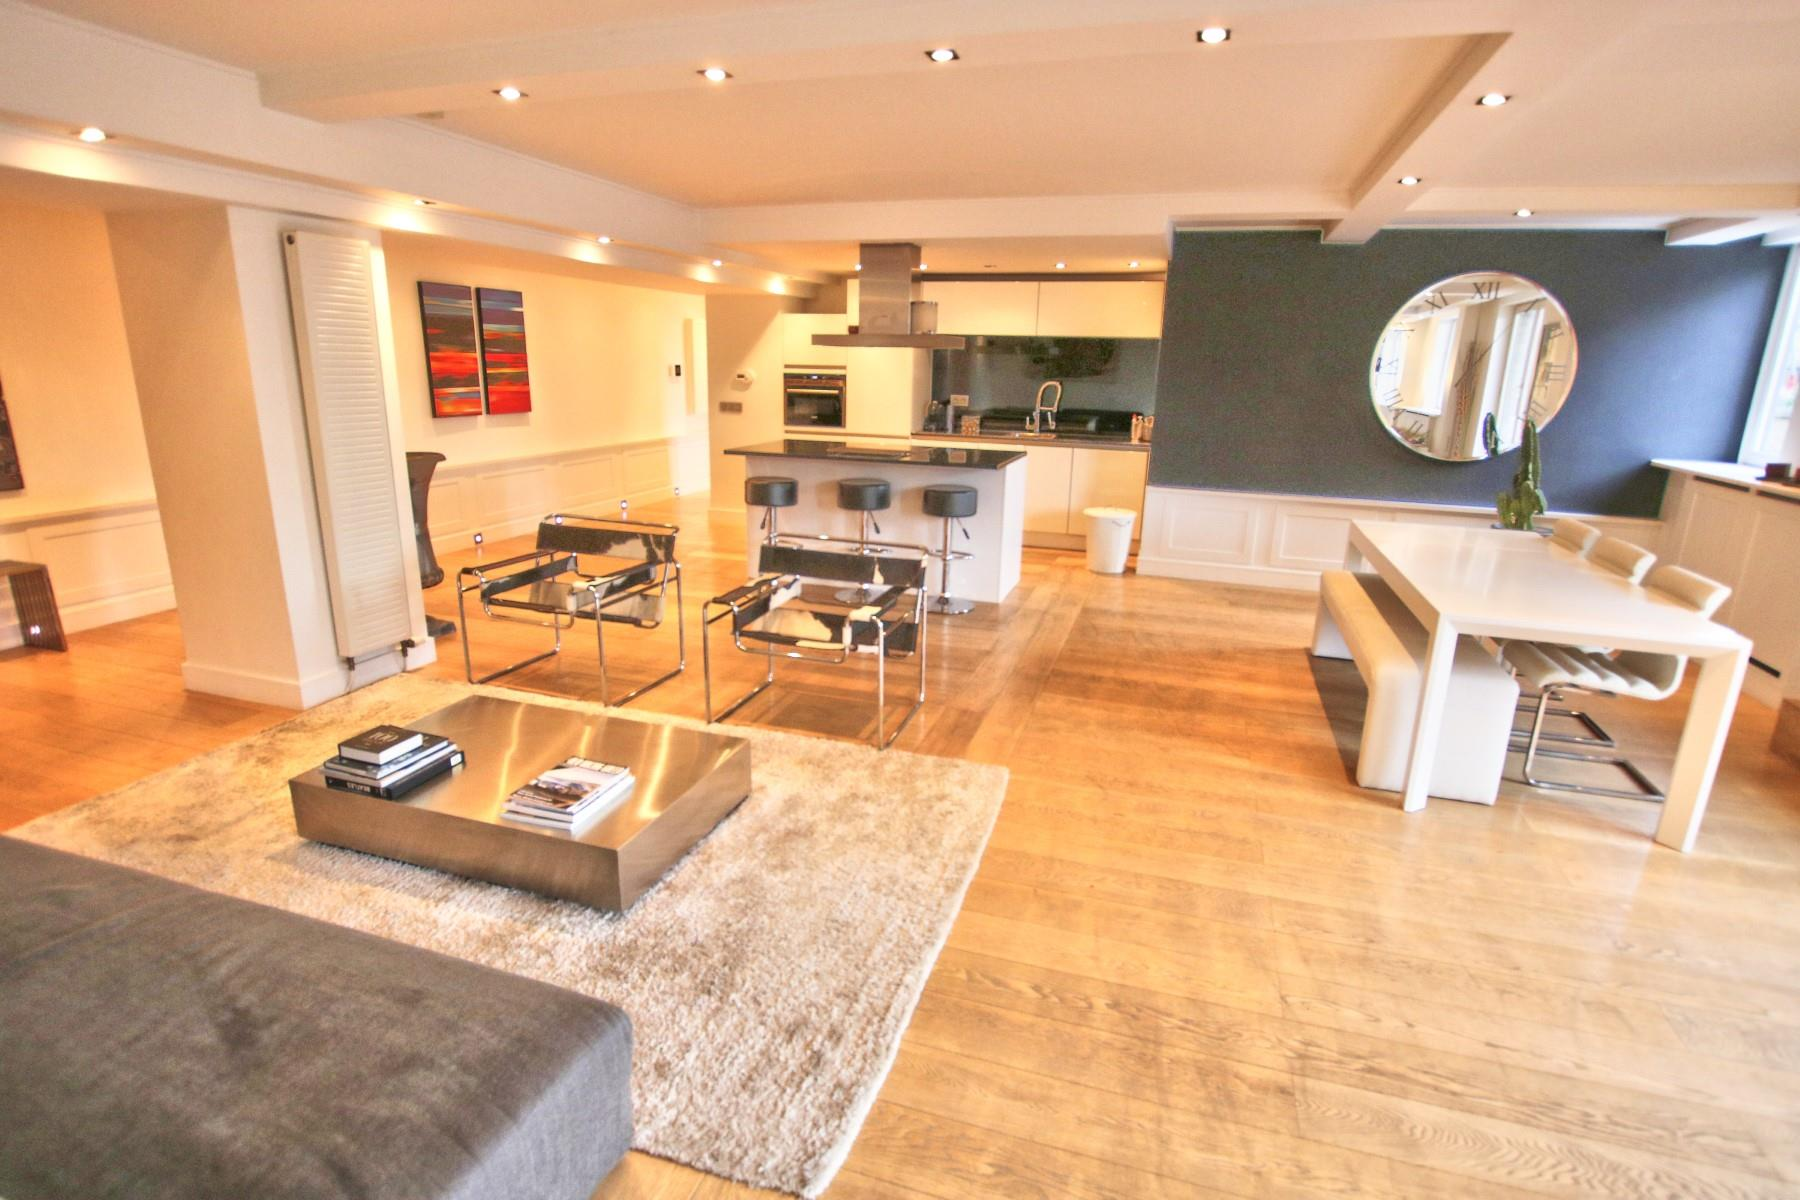 Appartement exceptionnel - Ixelles - #4030098-1